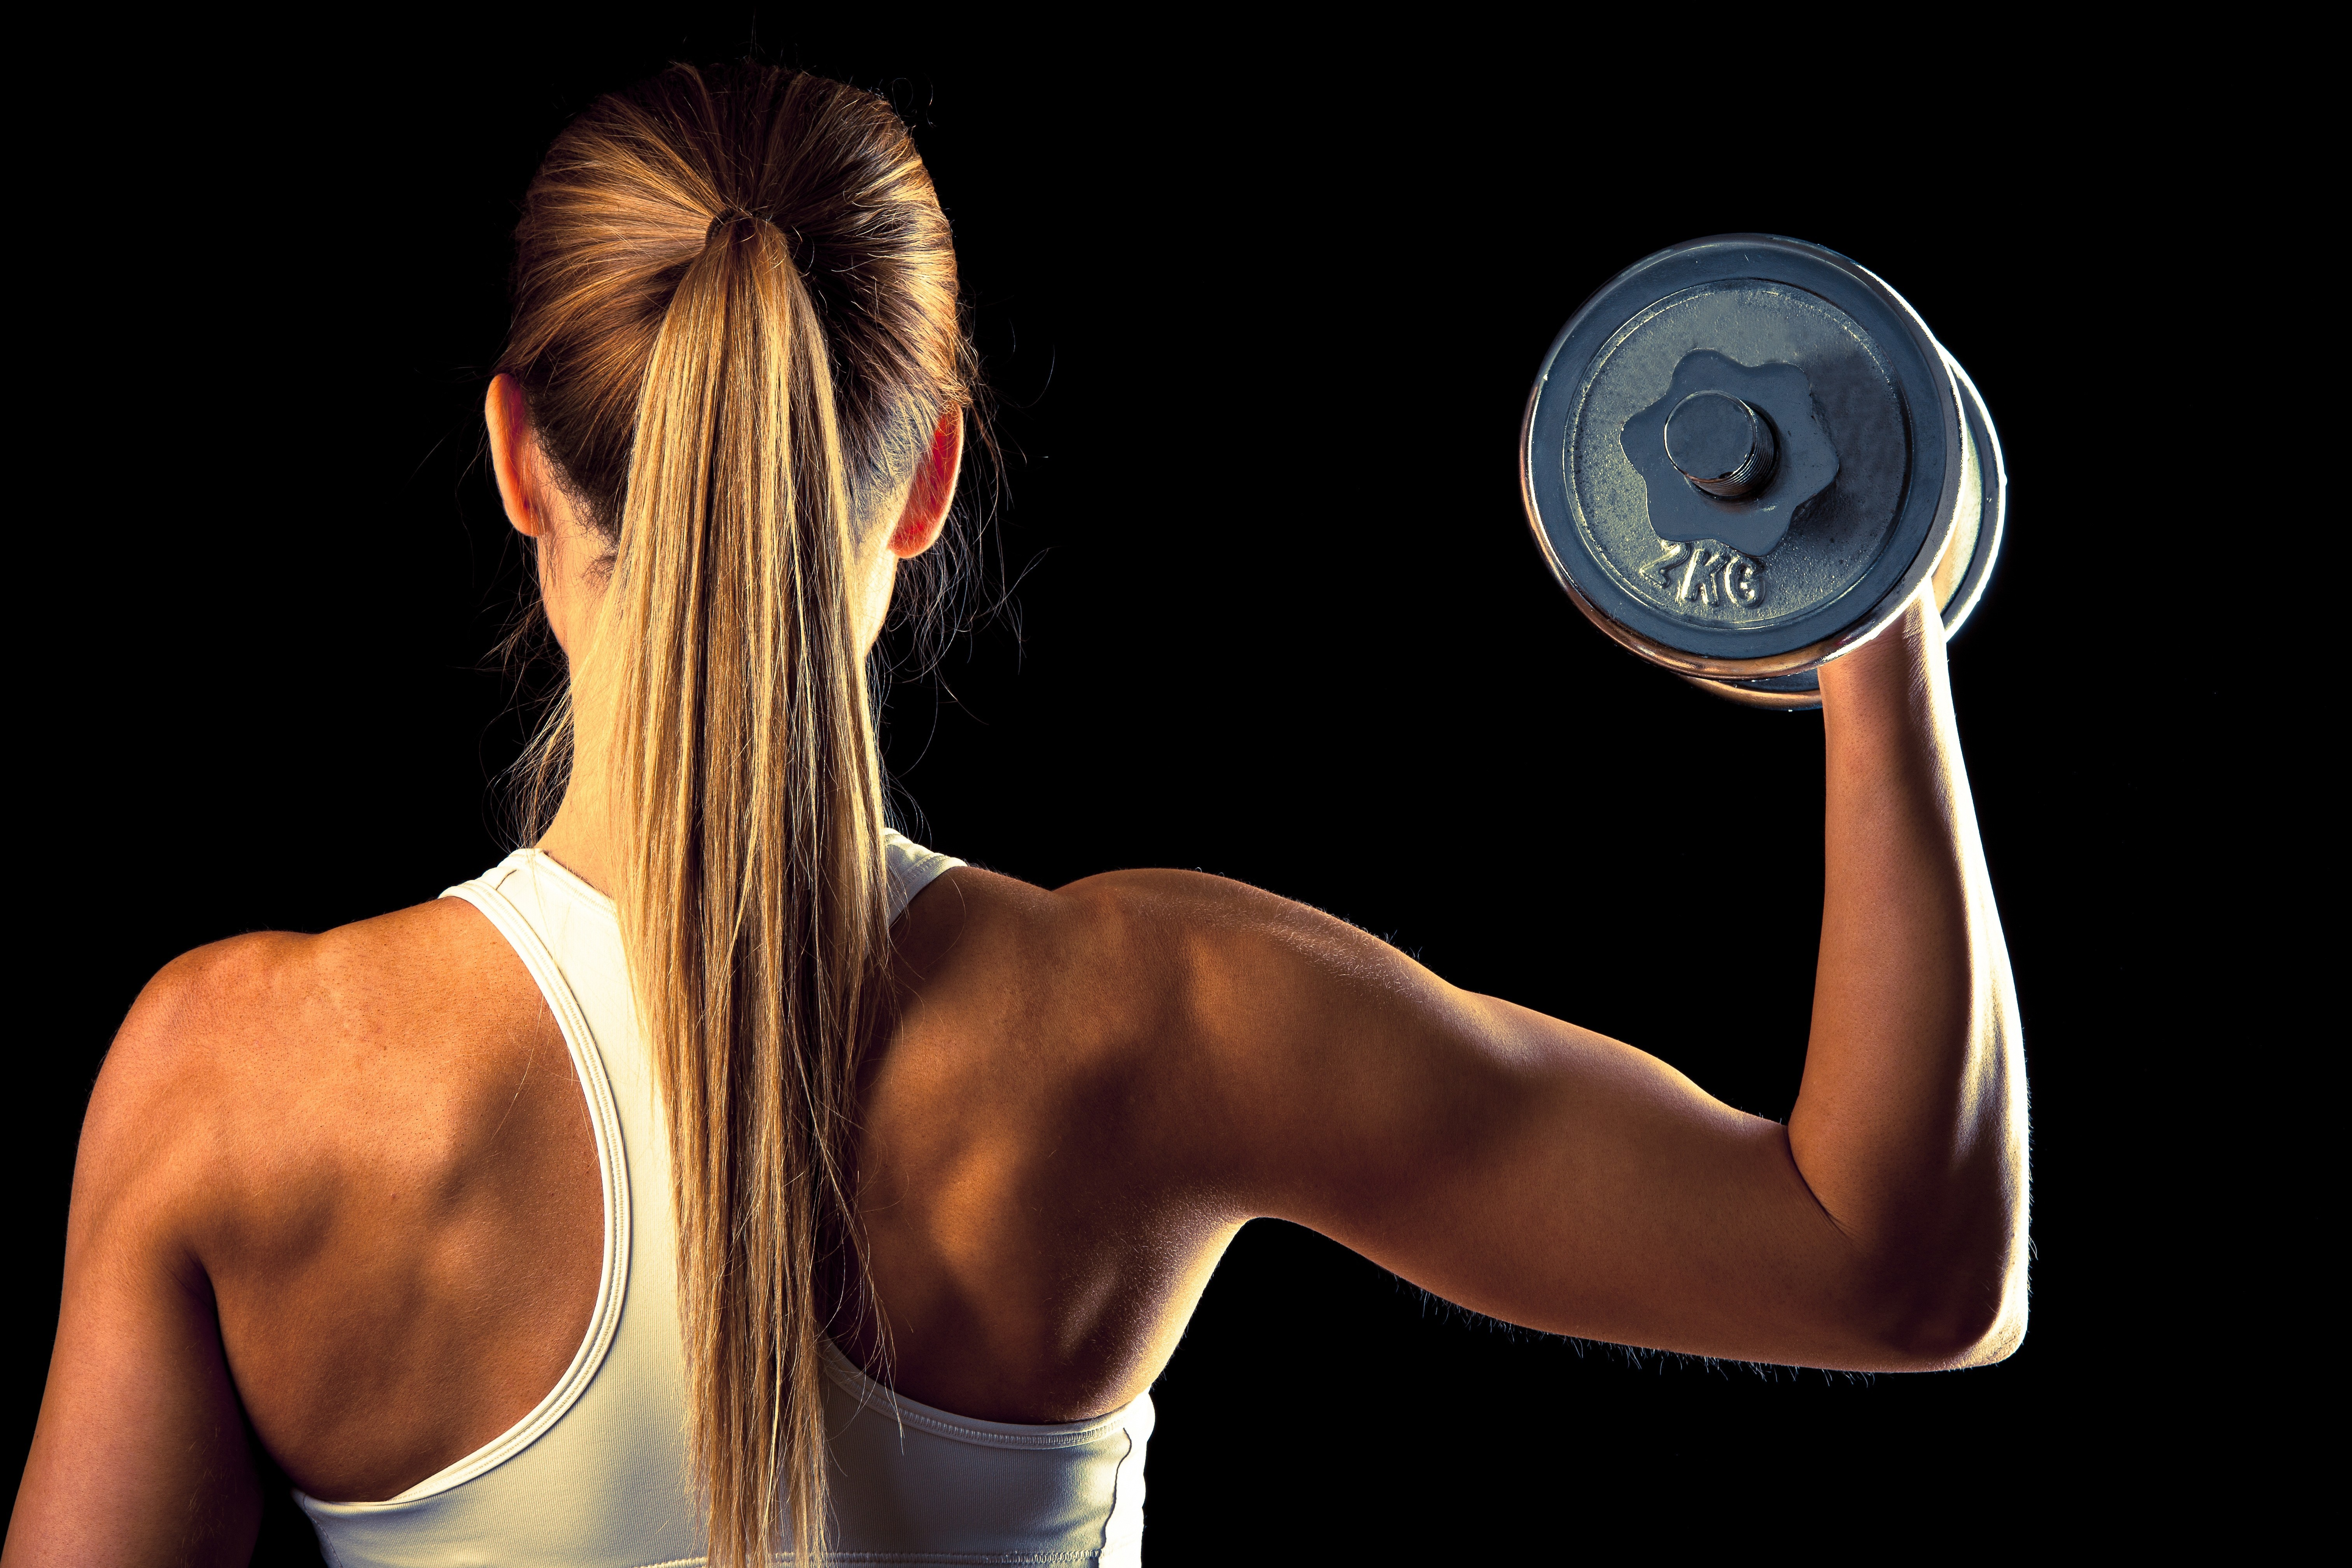 Картинка: Девушка, спина, спортивная, гантель, чёрный фон